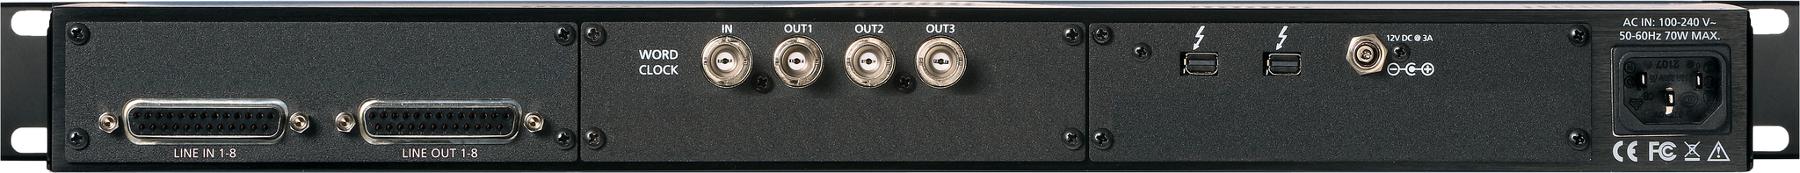 8-channel 24-bit / 192 kHz A/D D/A Converter System [Thunderbolt]